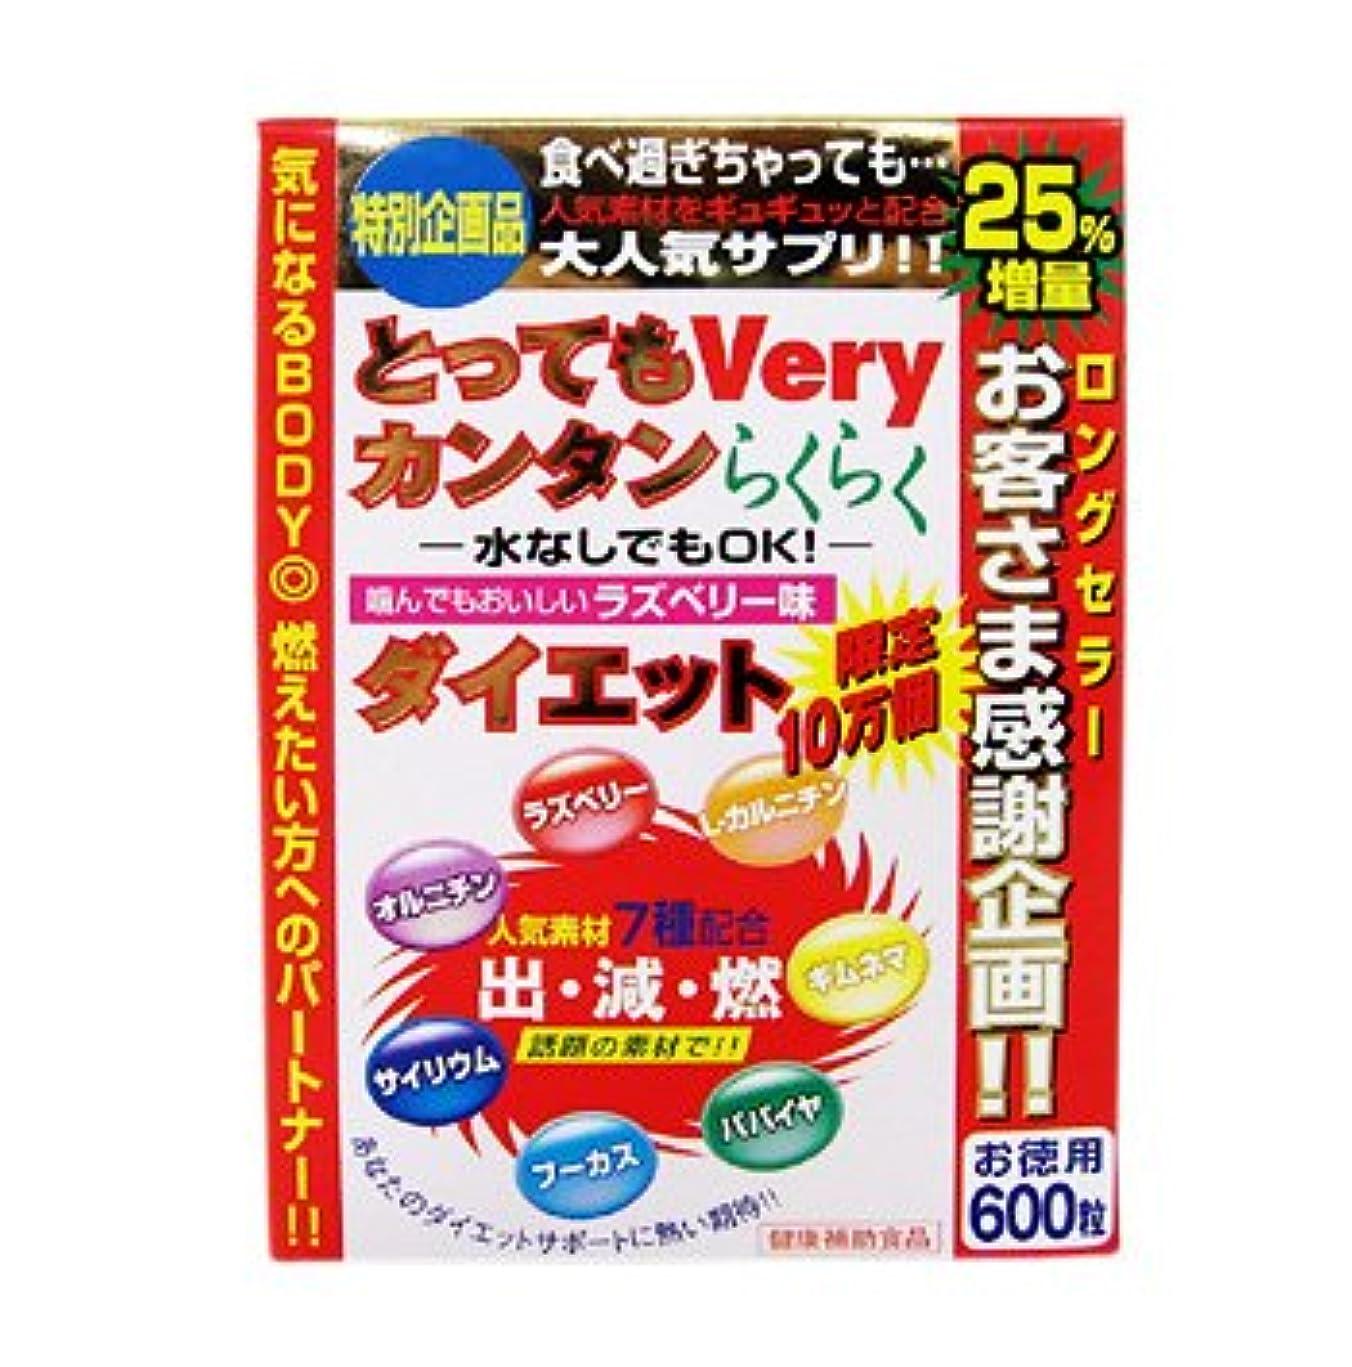 三番有能な慈悲ジャパンギャルズSC とってもVery カンタンらくらくダイエット お徳用 600粒 とってもベリー×30個セット